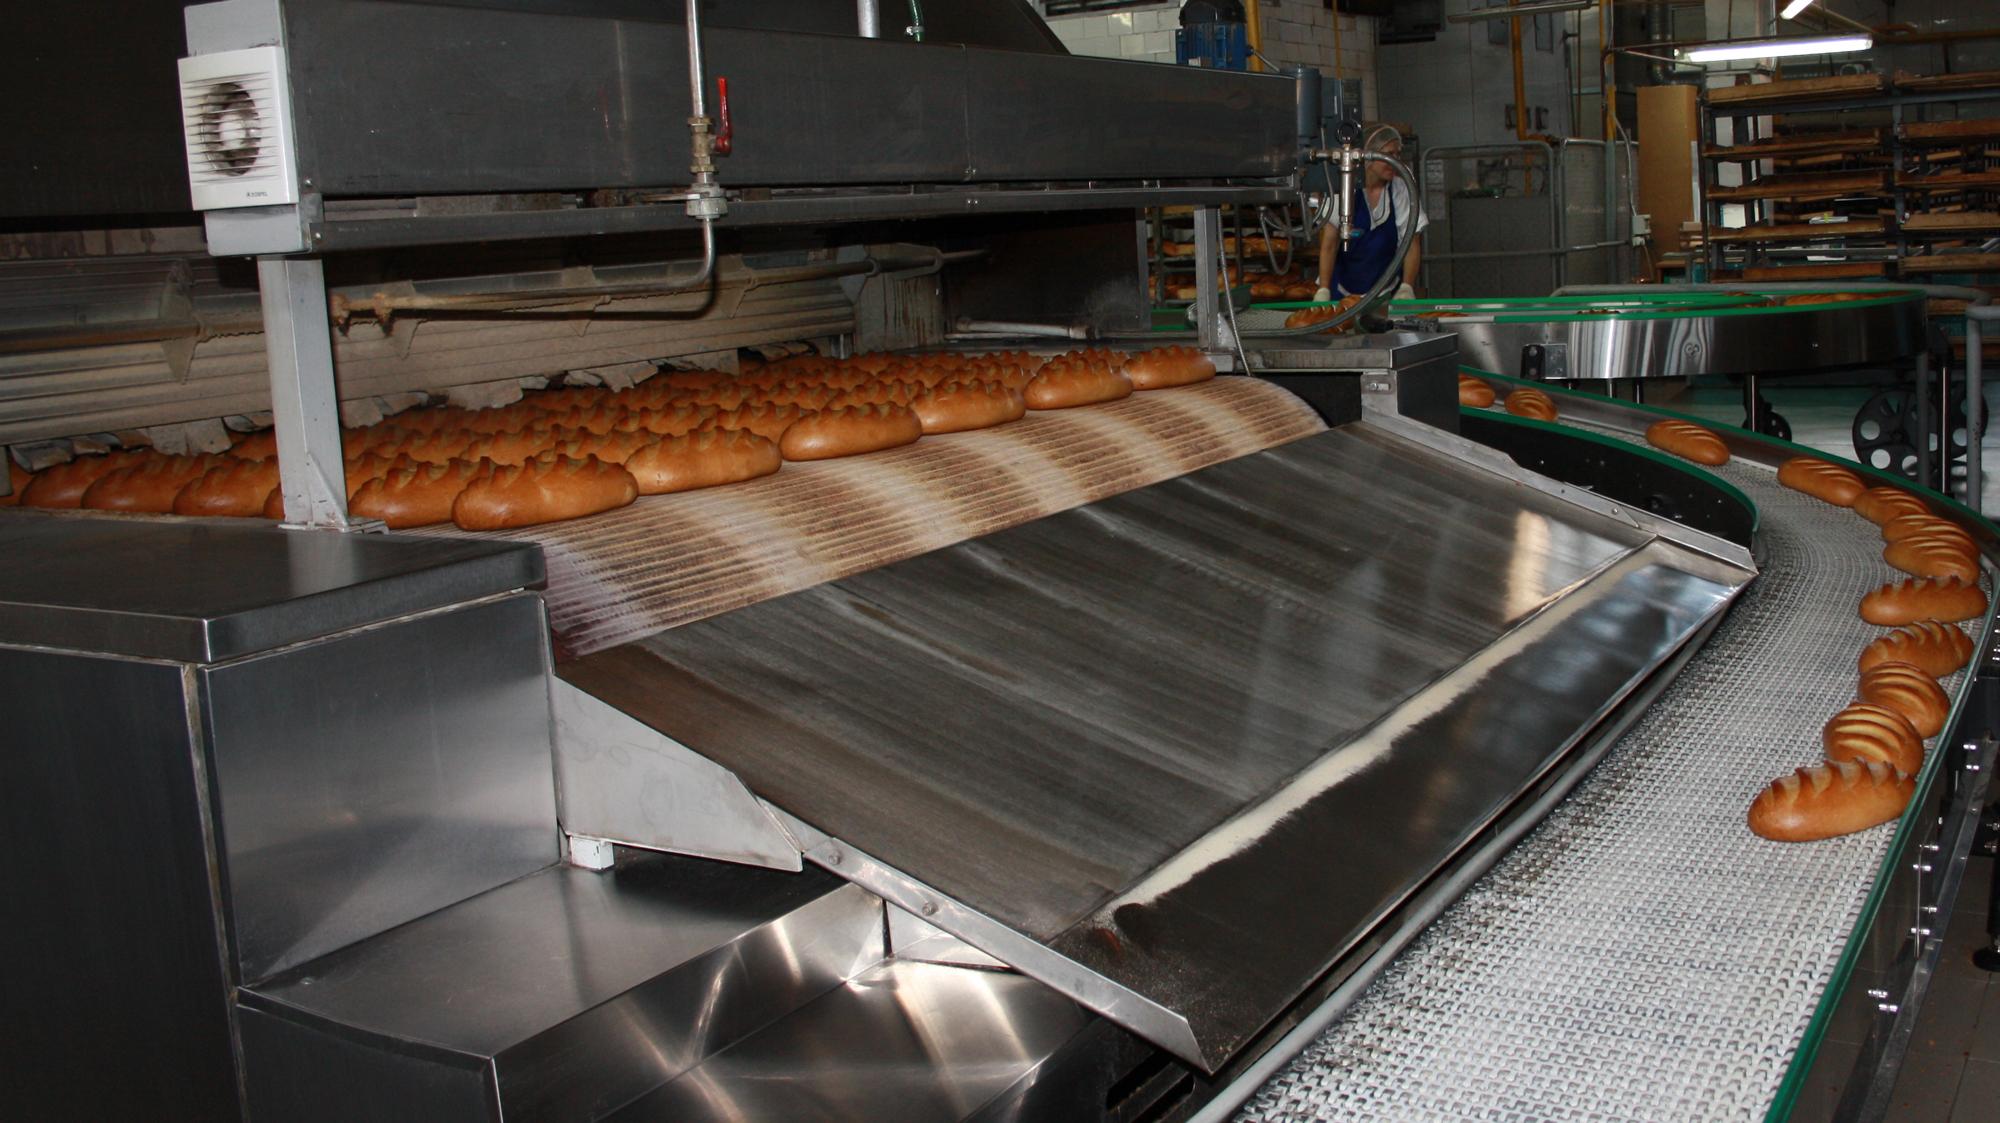 ВВязниках мастера хлебокомбината обвиняют в смерти рабочей